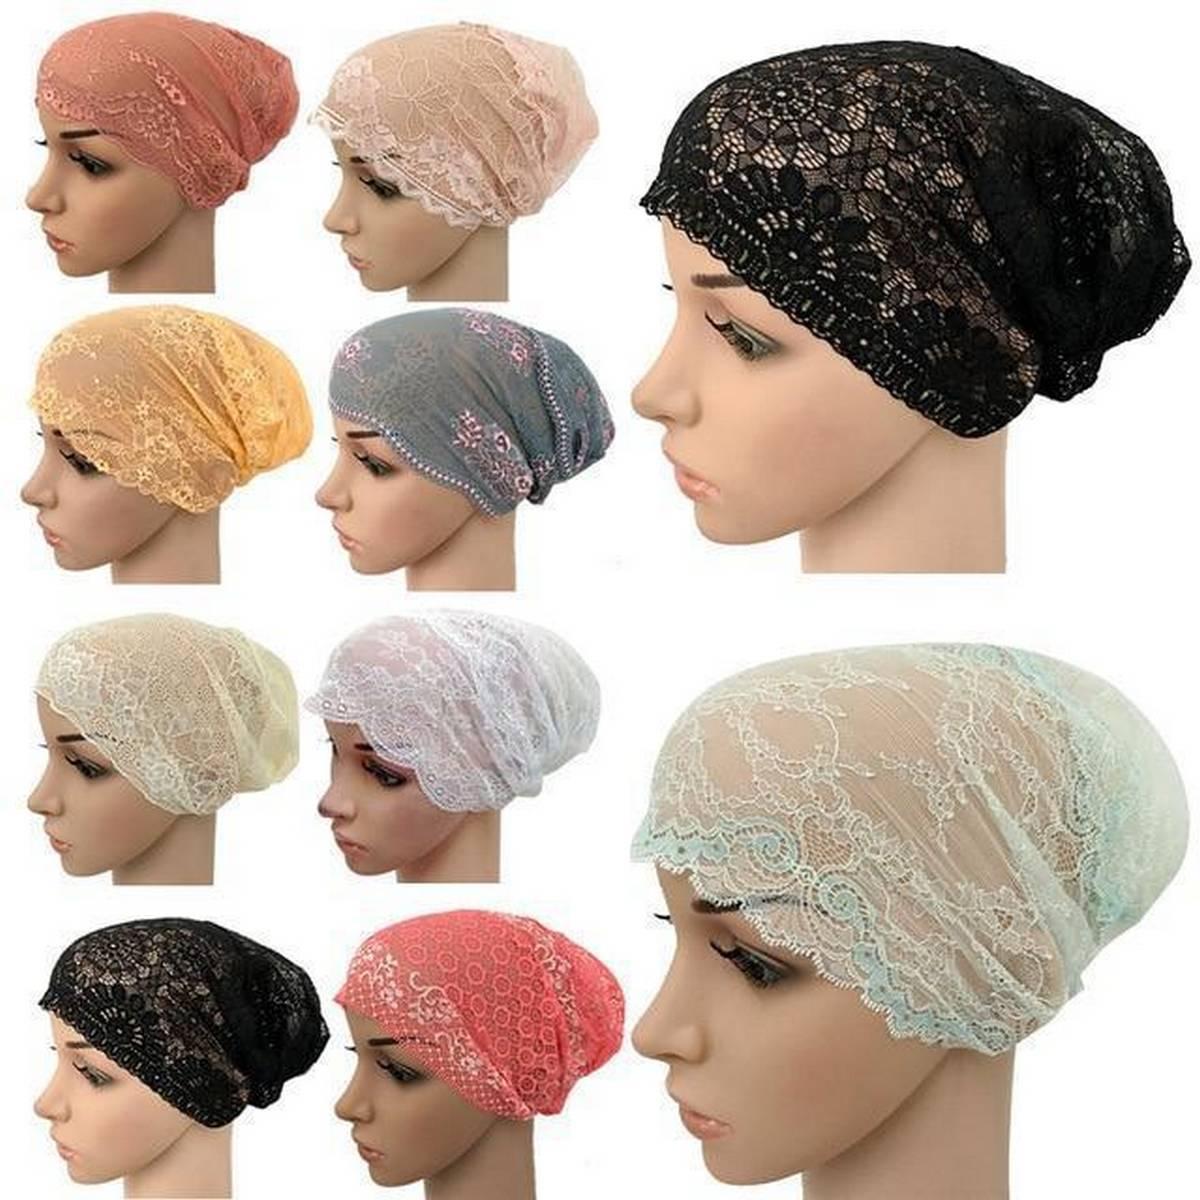 Pack of 3 Muslim Women Lace Hat Islamic Inner Caps Head wear Under scarf Hijab Head wear Wrap